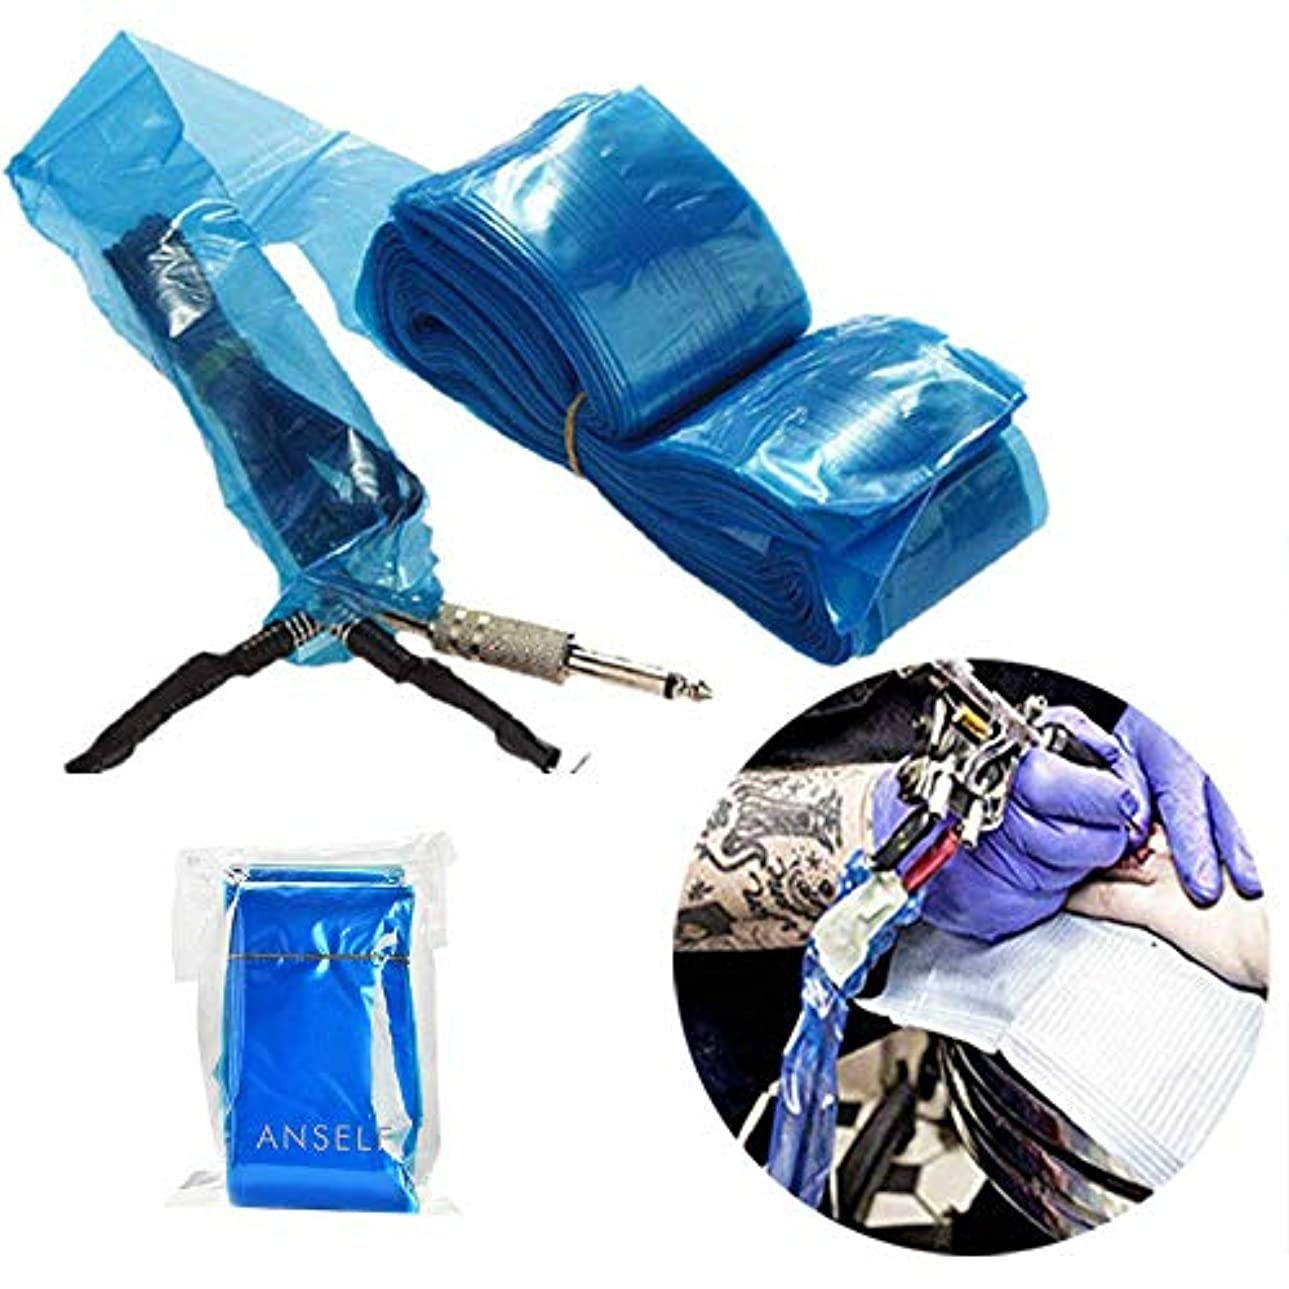 ストッキング旅消すDecdeal タトゥークリップカバー タトゥー用品 タトゥーマシンプラスチック用使い捨てカバー 100Pcs